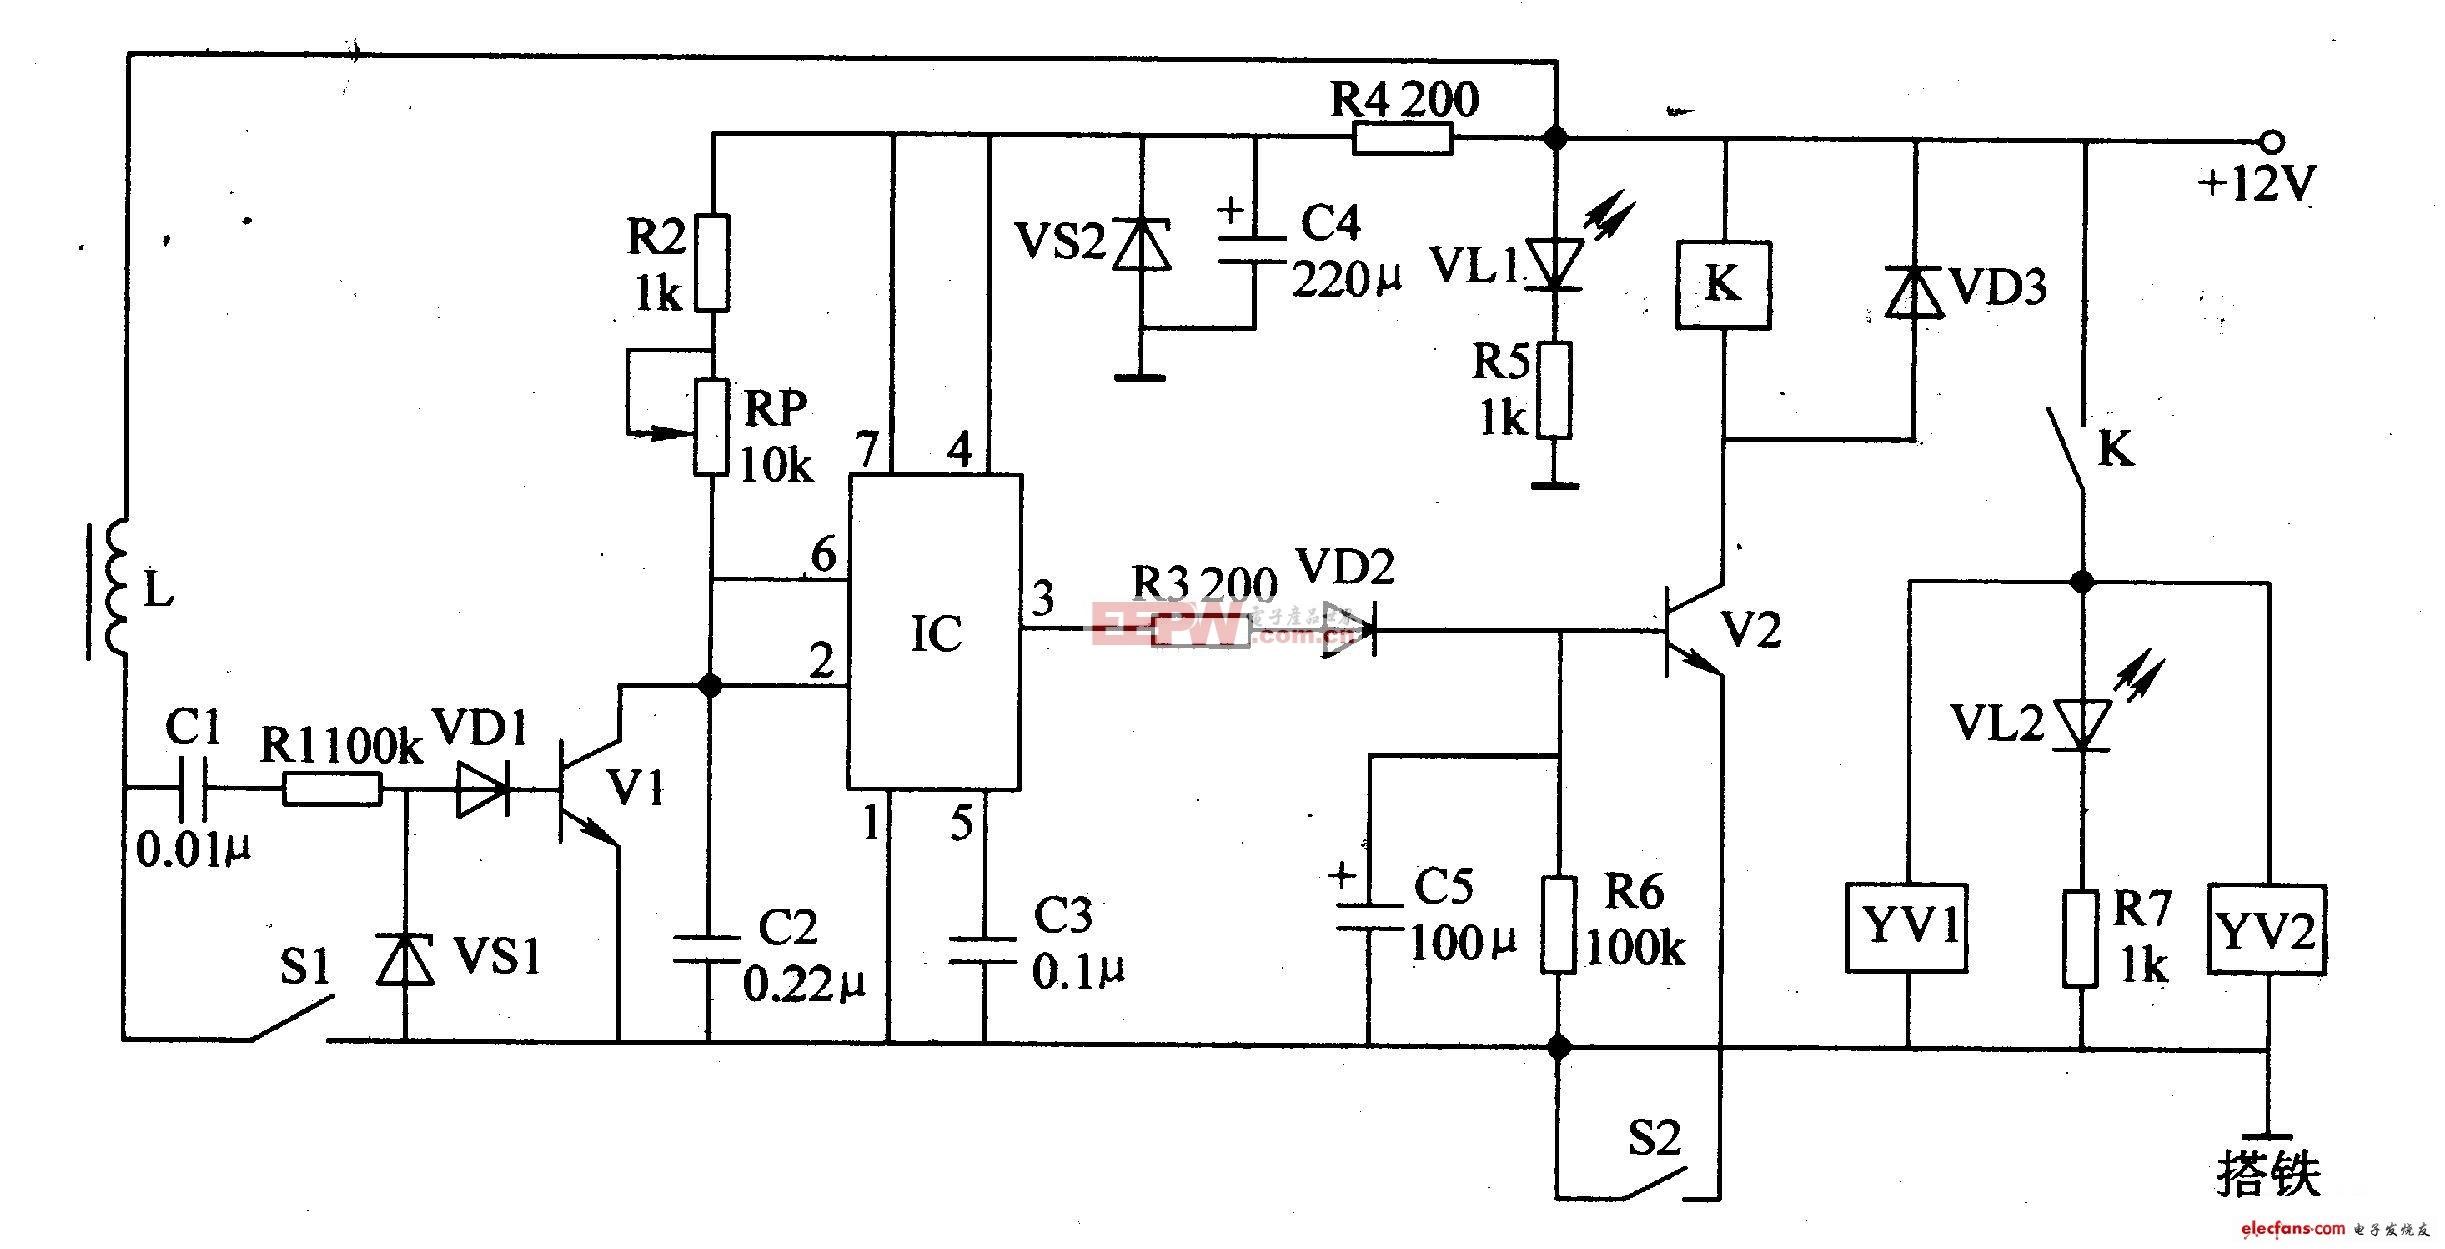 首页 机动车 电动车电路图 汽车电子电路图 ->汽车电子节油器电路设计